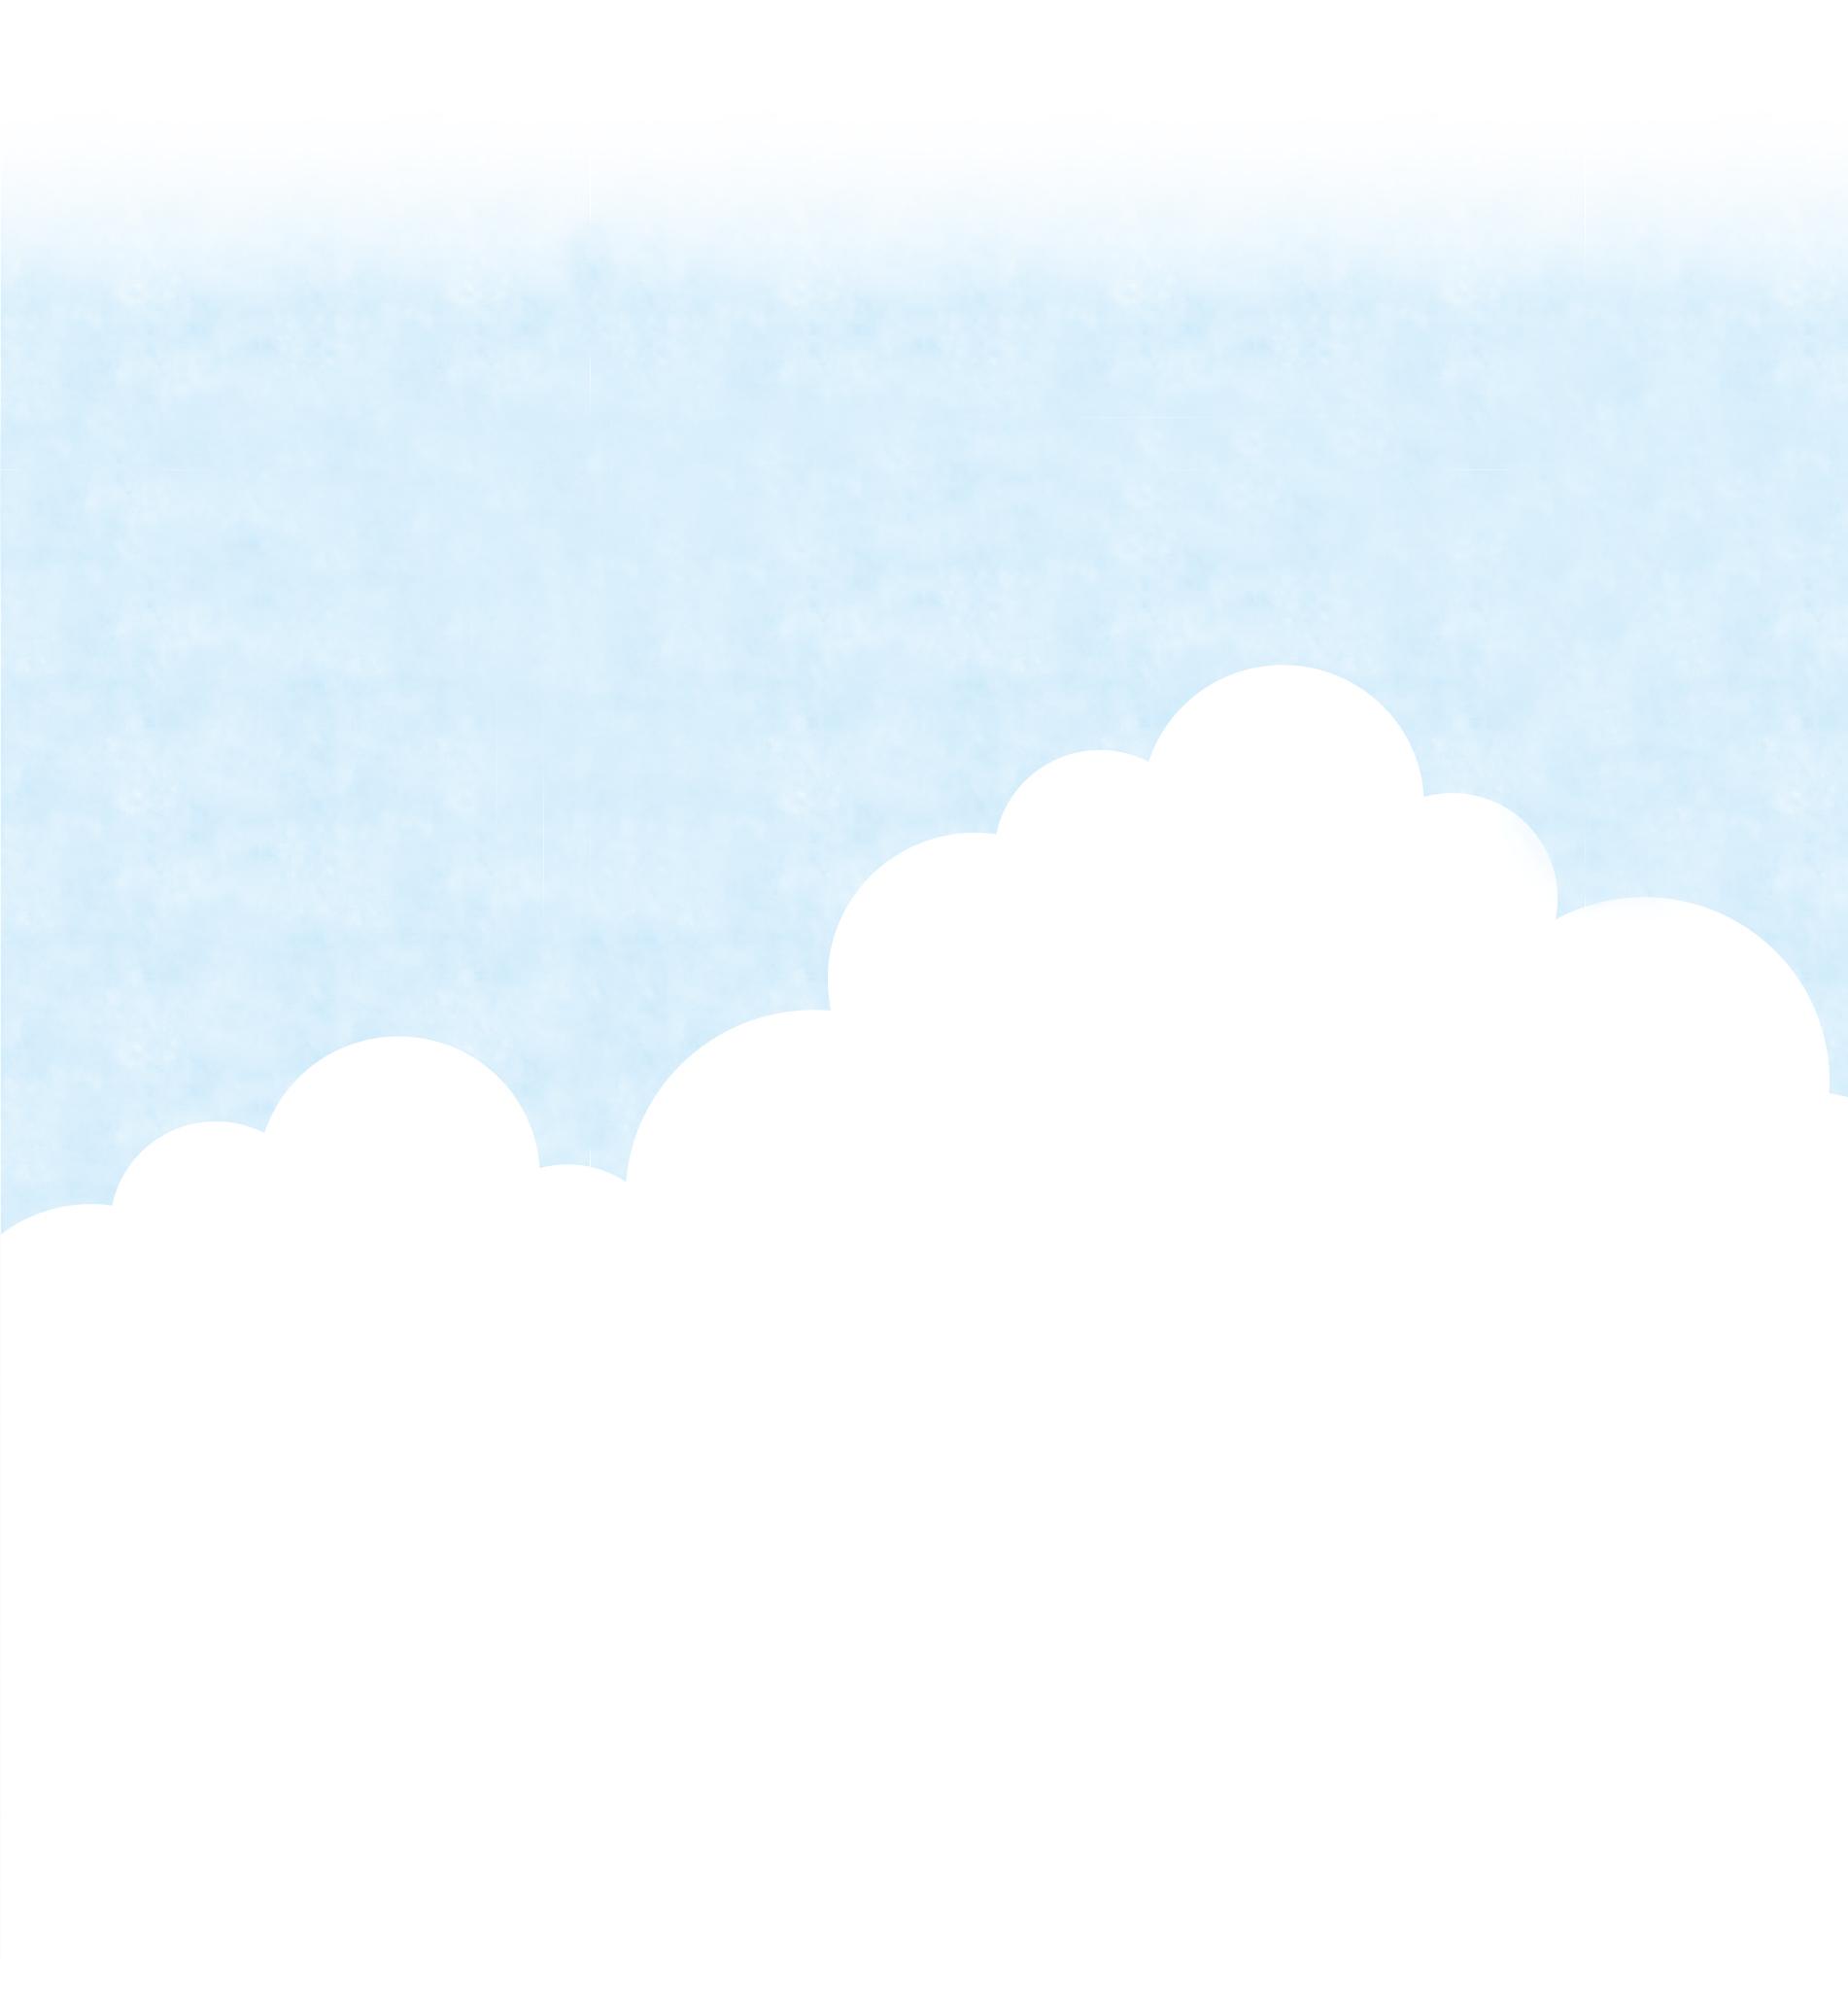 雲イラスト